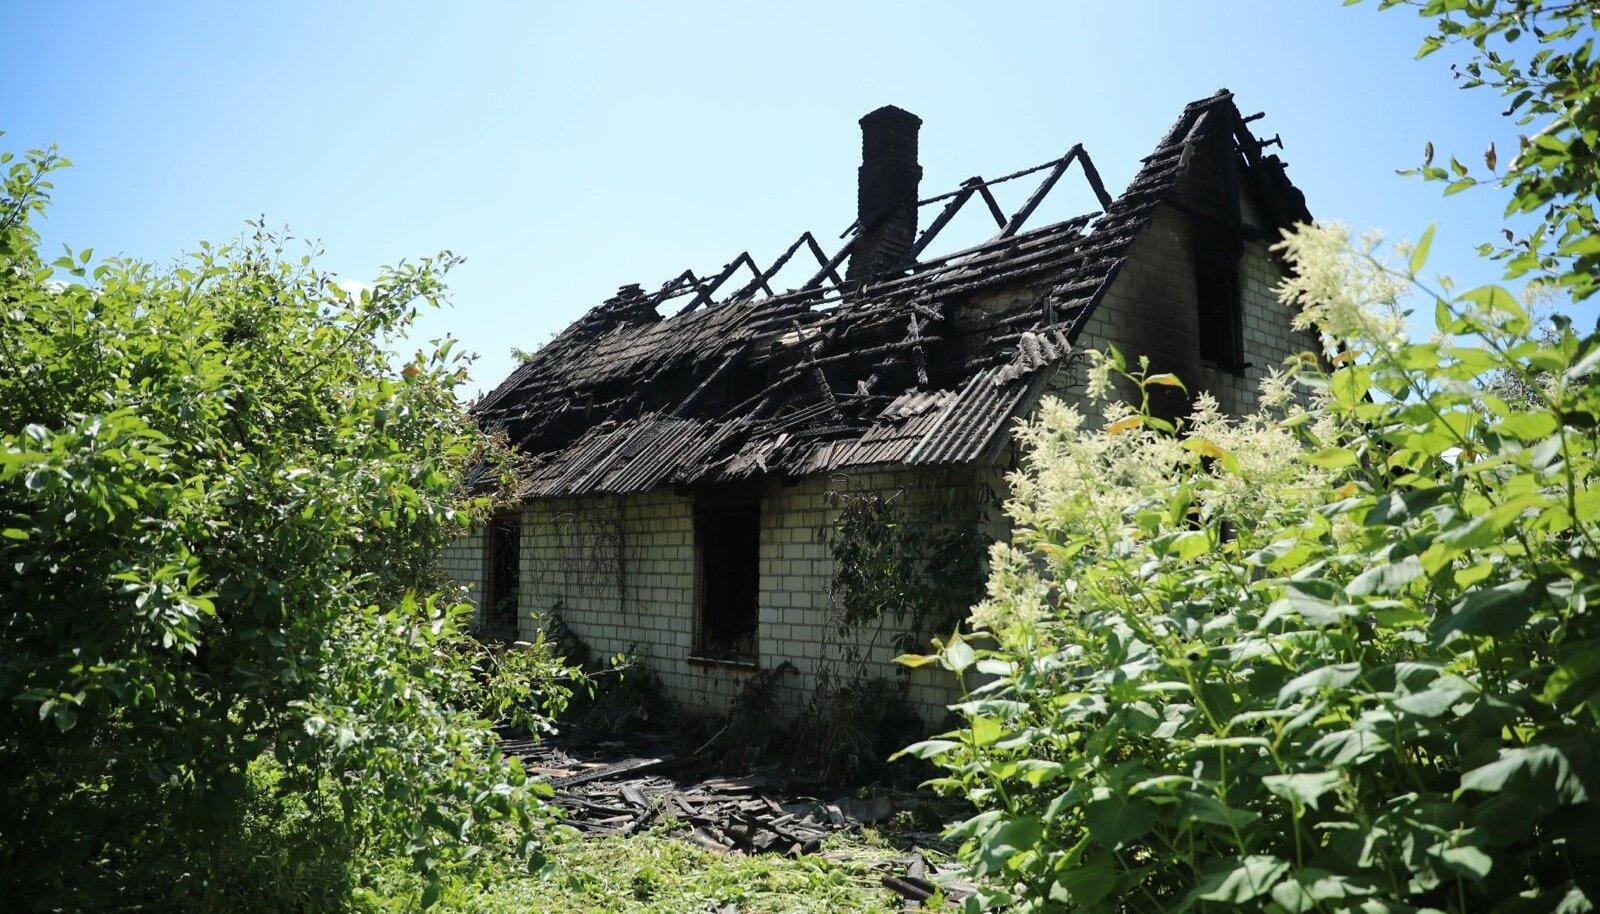 Tartumaal Kükitaja külas põles elumajja 16-aastane noormees.